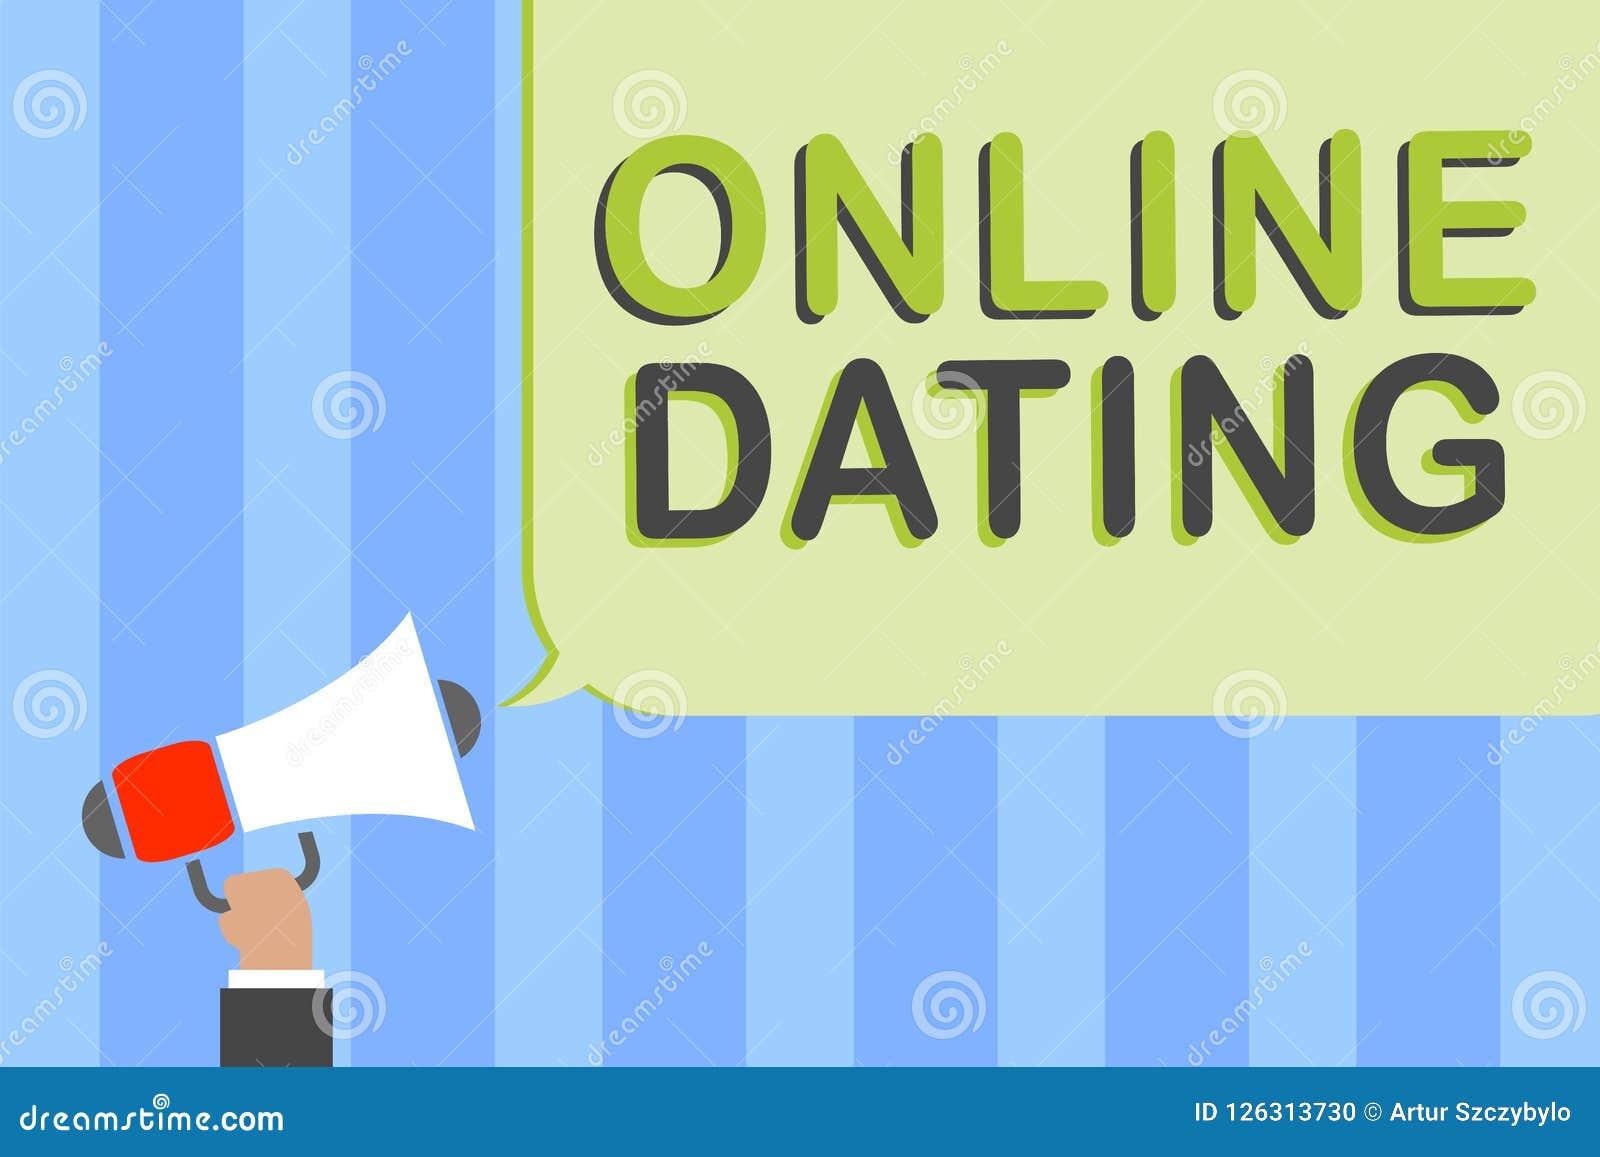 Cazafantasmas intro latino dating